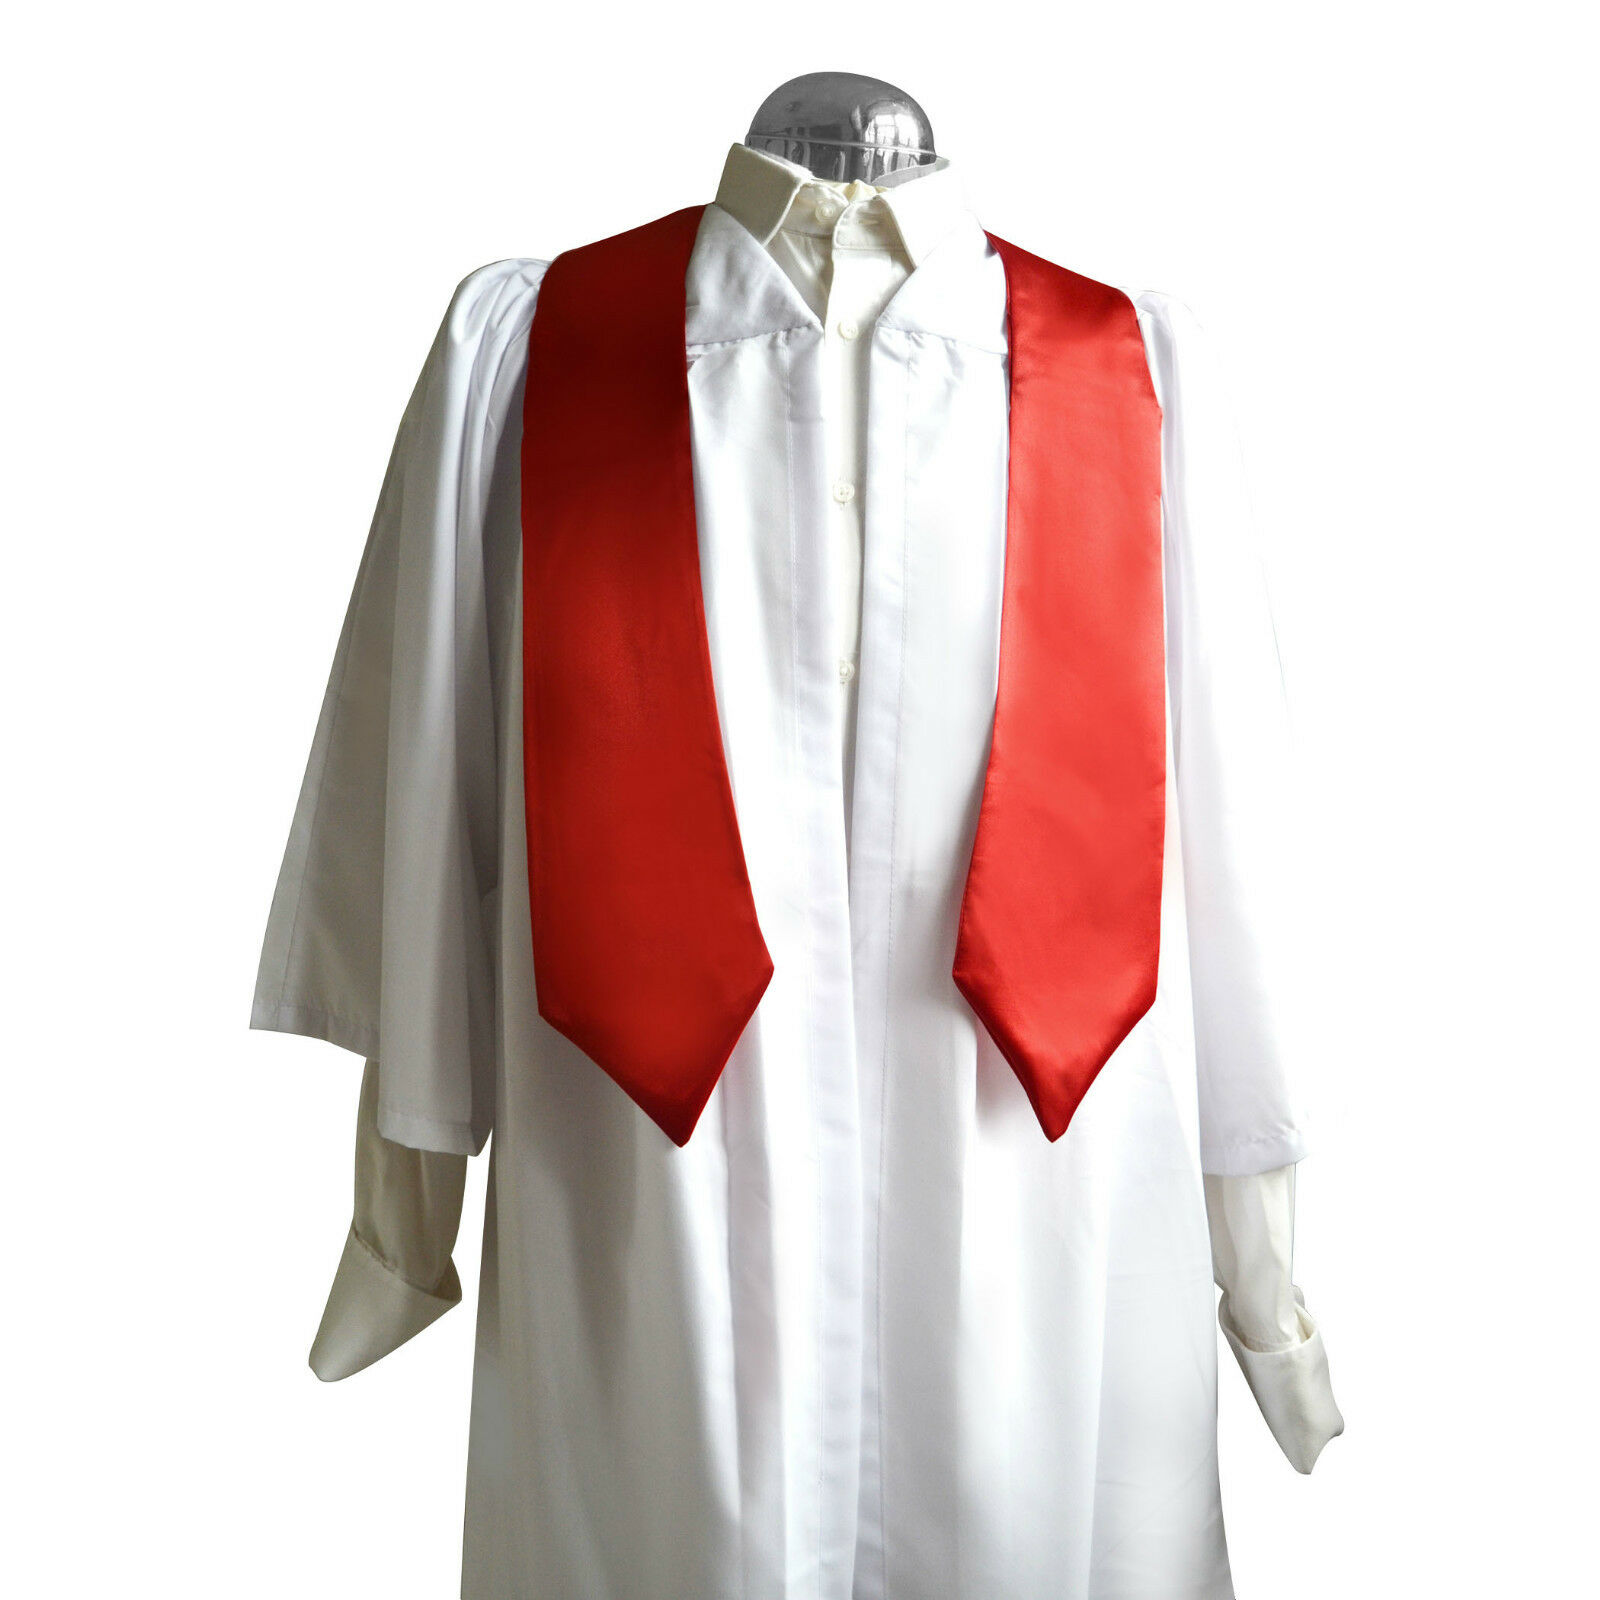 Lot rubans/étoles de 10 blanc choir robes/robes et rubans/étoles Lot femmes/hommes église graduation 1cc71a